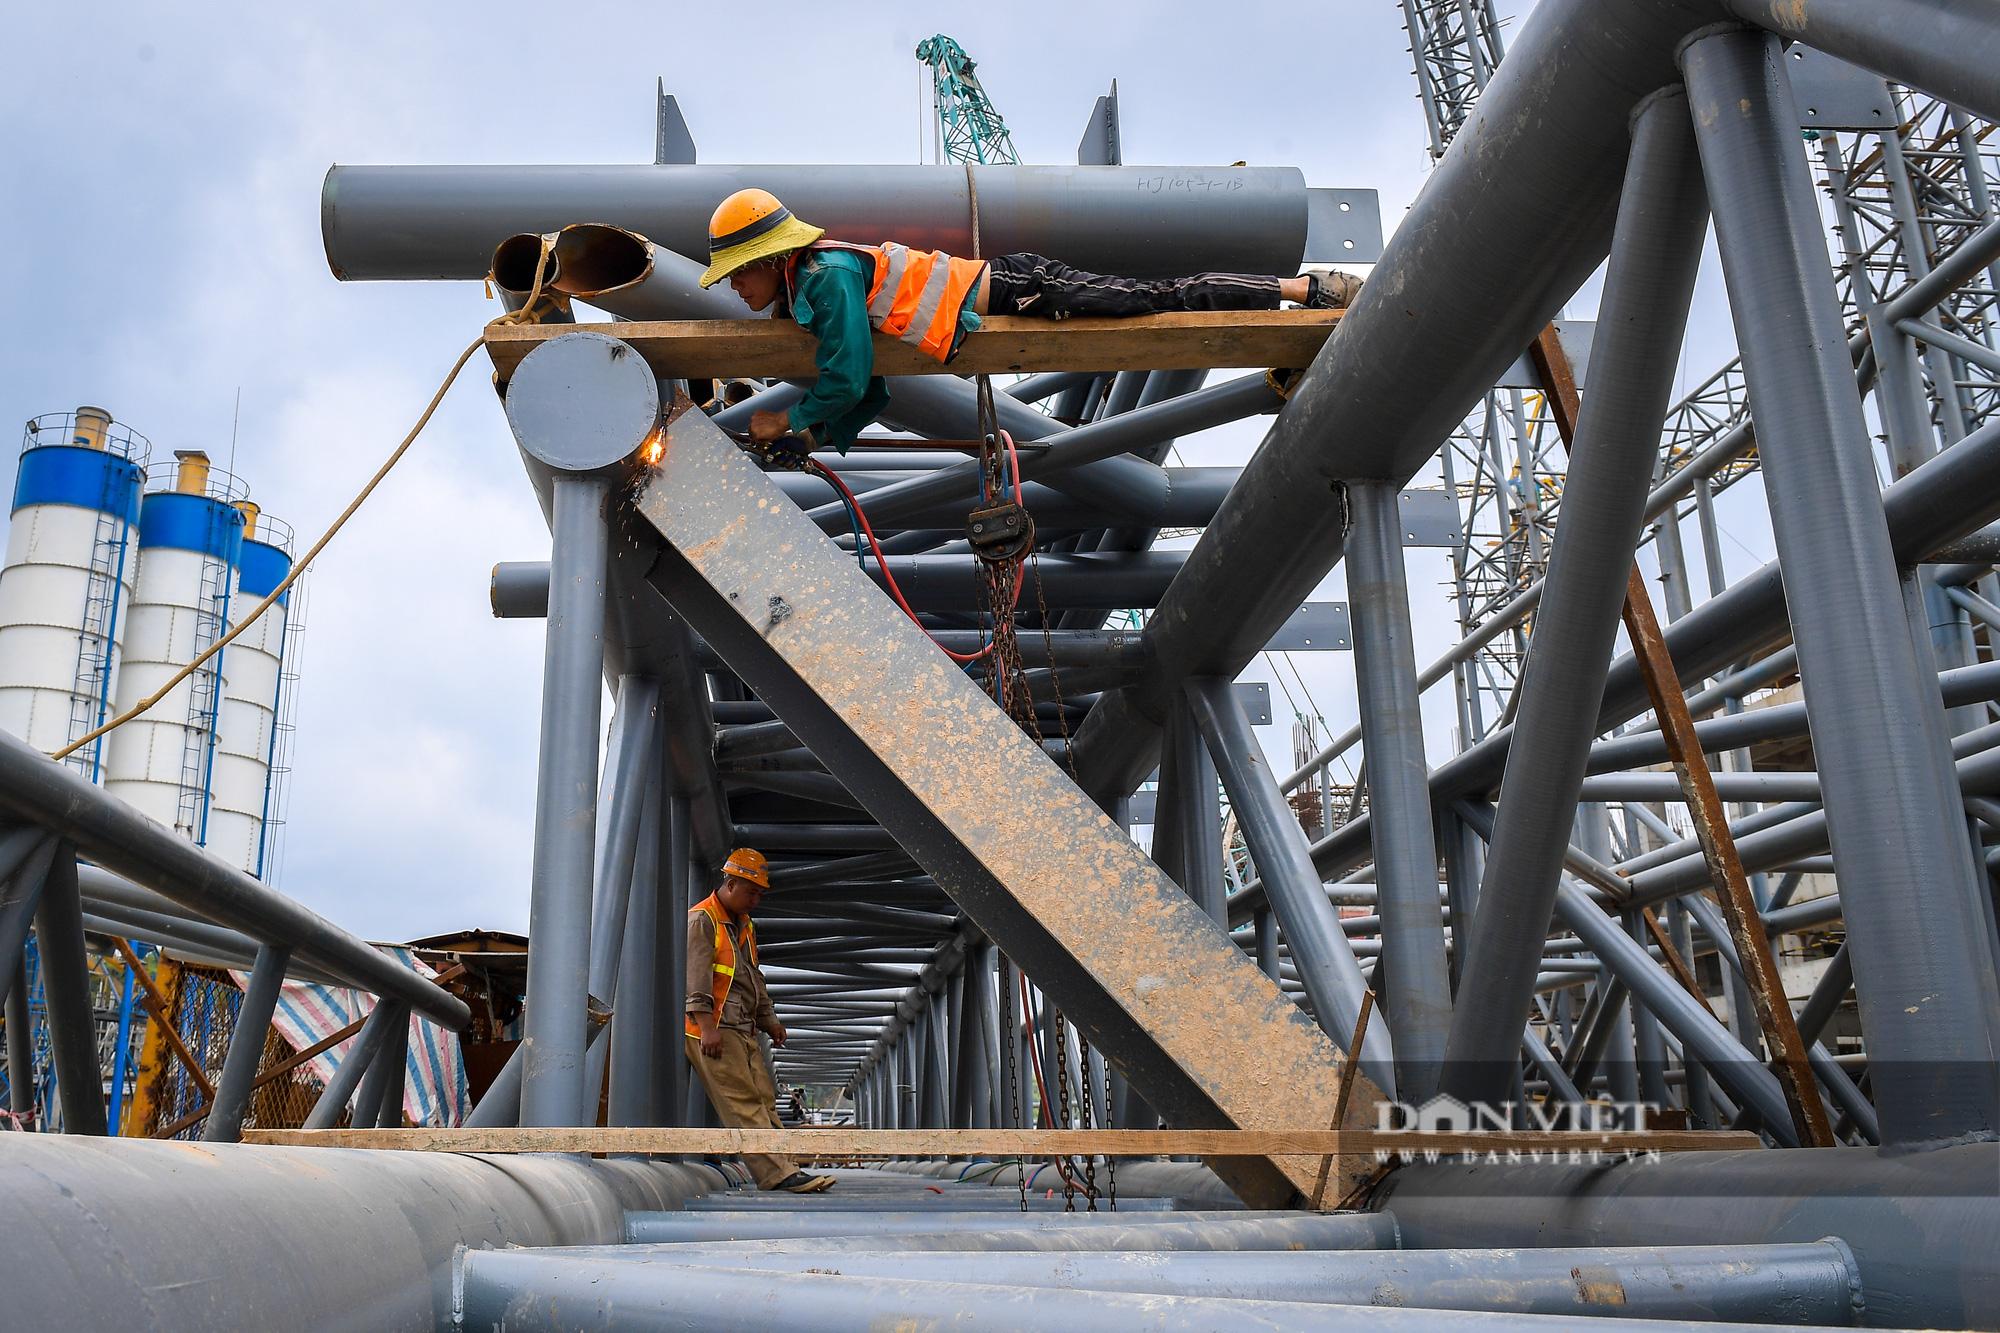 Công nhân gấp rút thi công dự án biến rác thành điện trị giá 7.000 tỷ đồng - Ảnh 3.